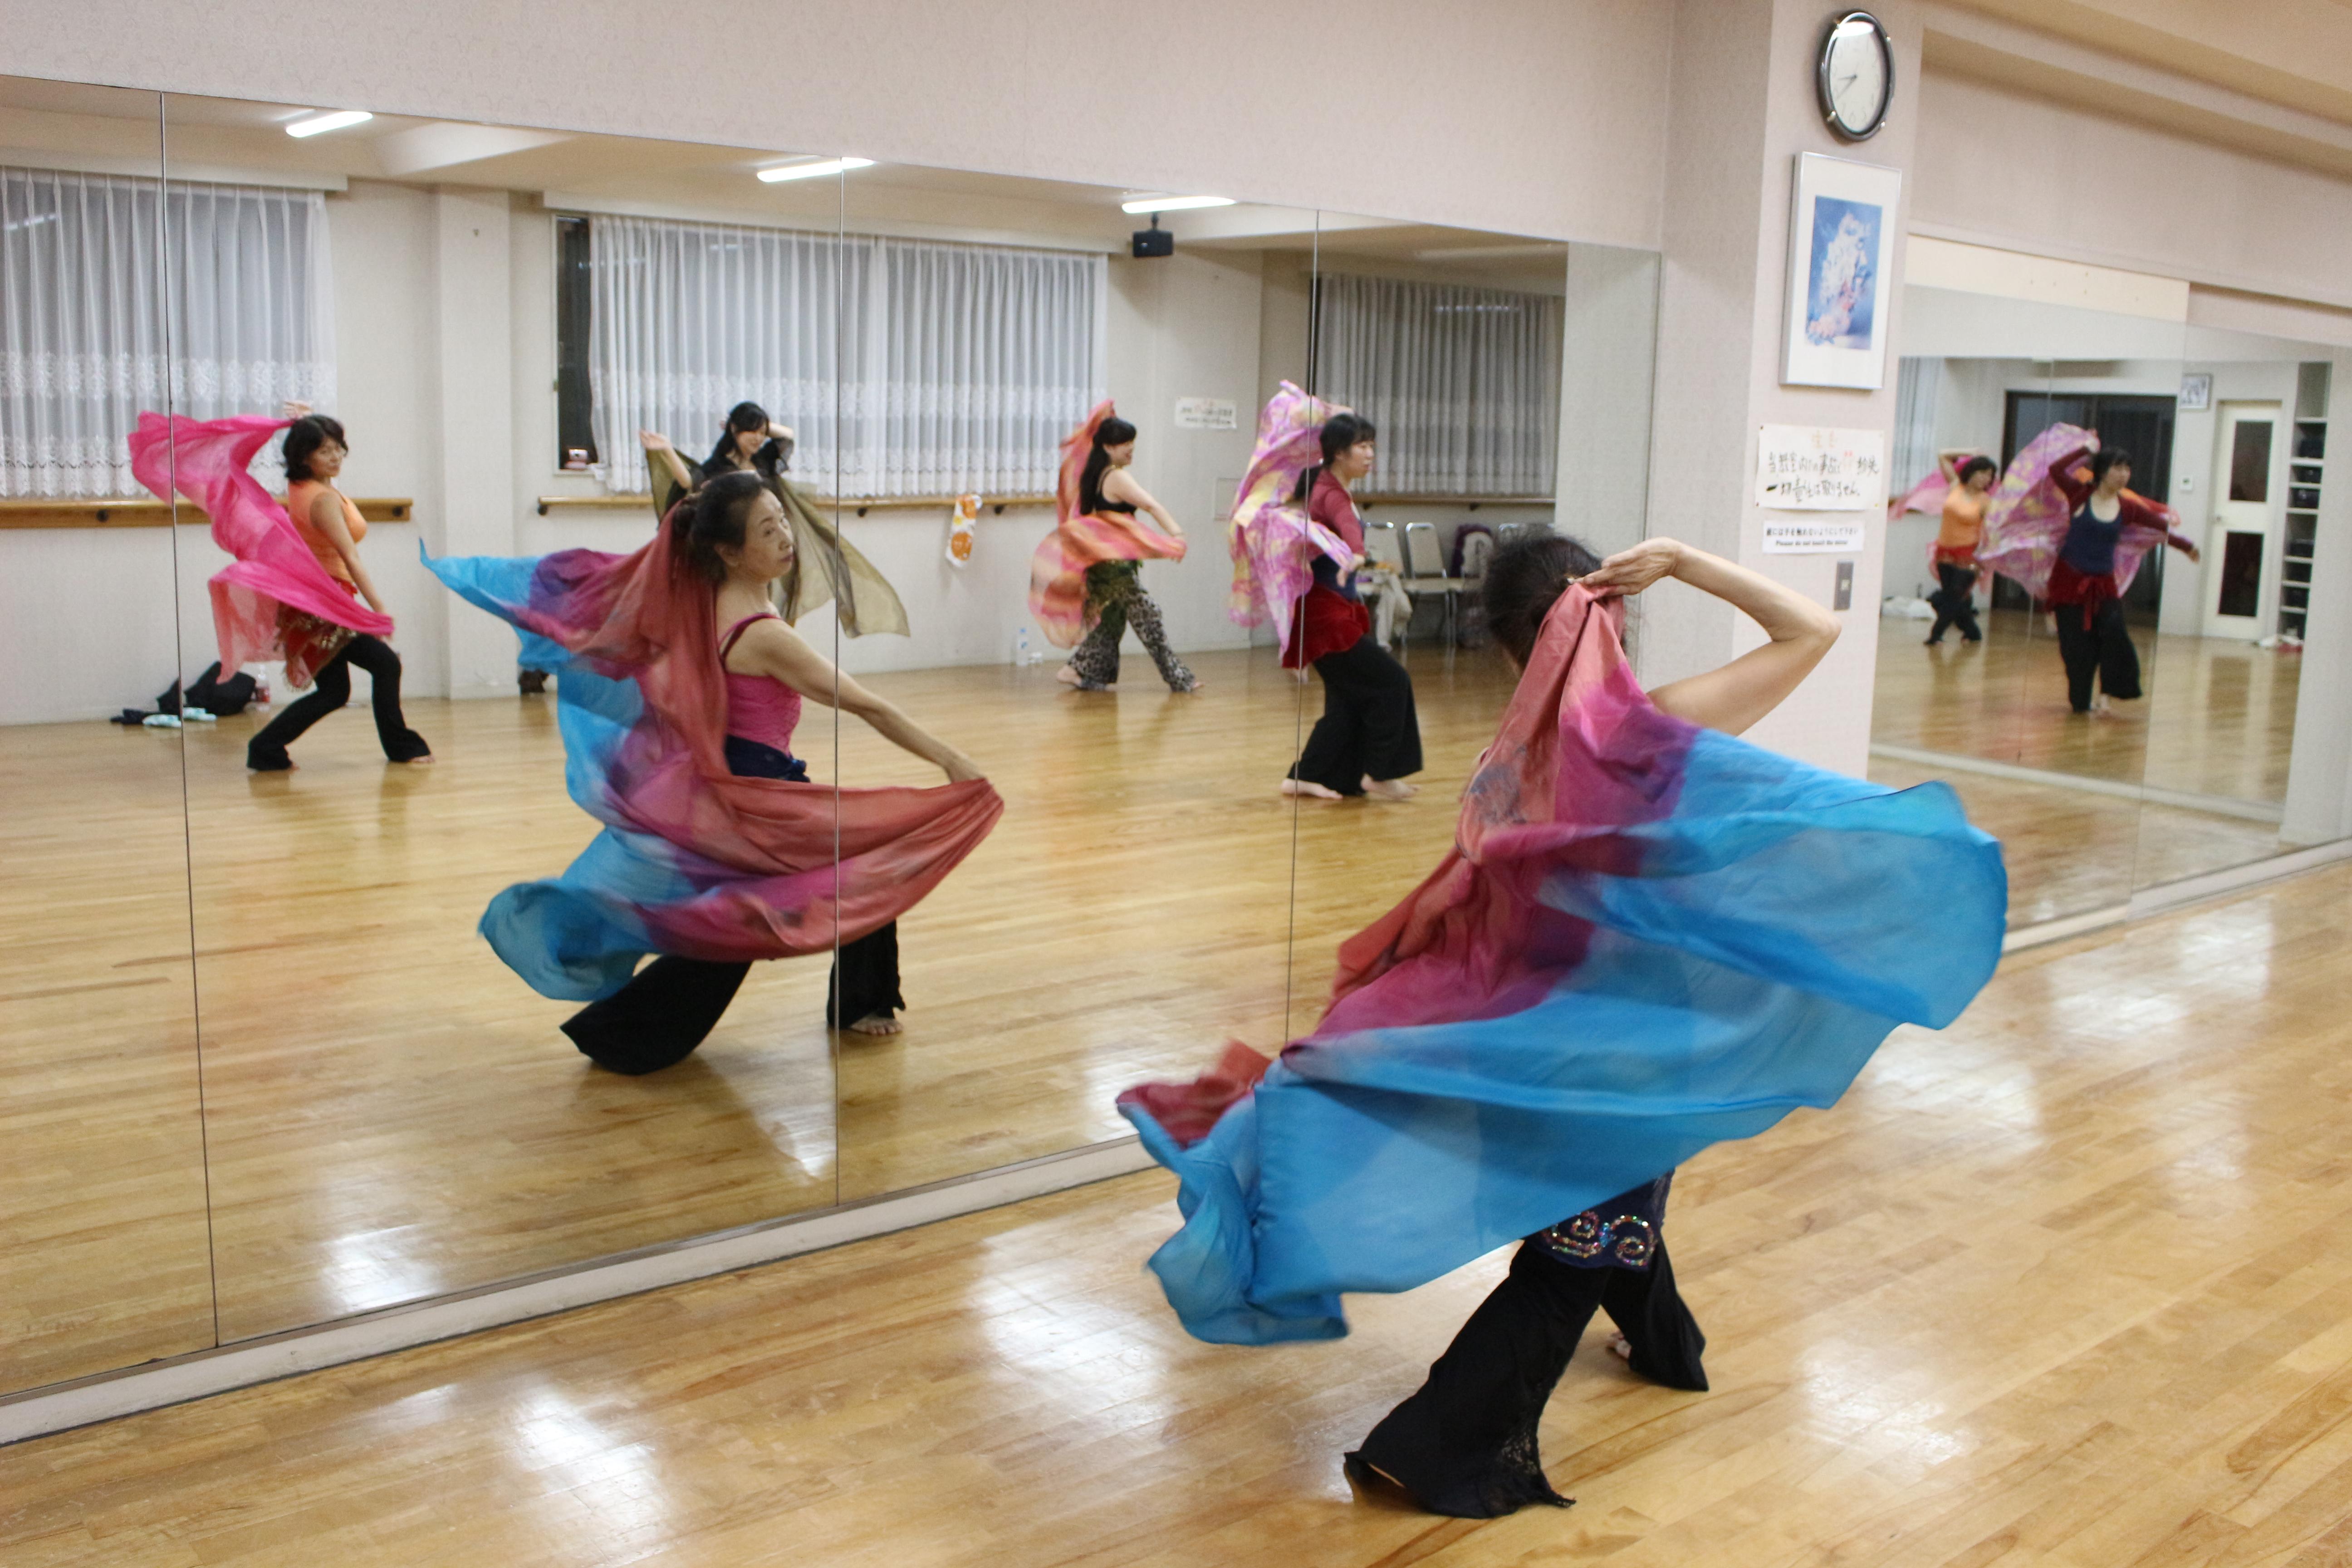 すぺーす/ウエノアケミのオリエンタルダンス